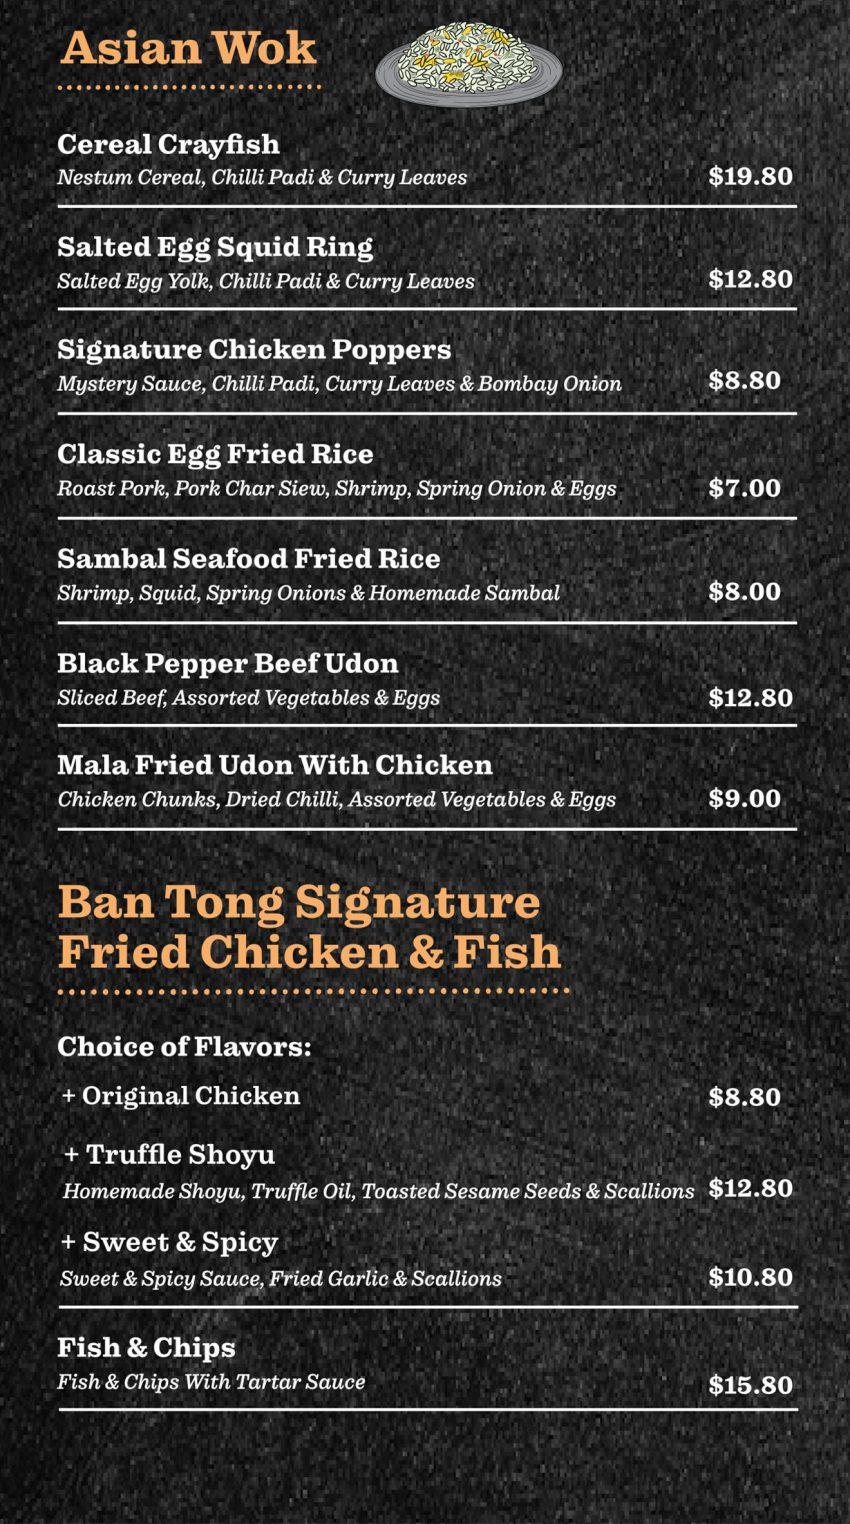 Ban Tong Seafood - Standard Menu